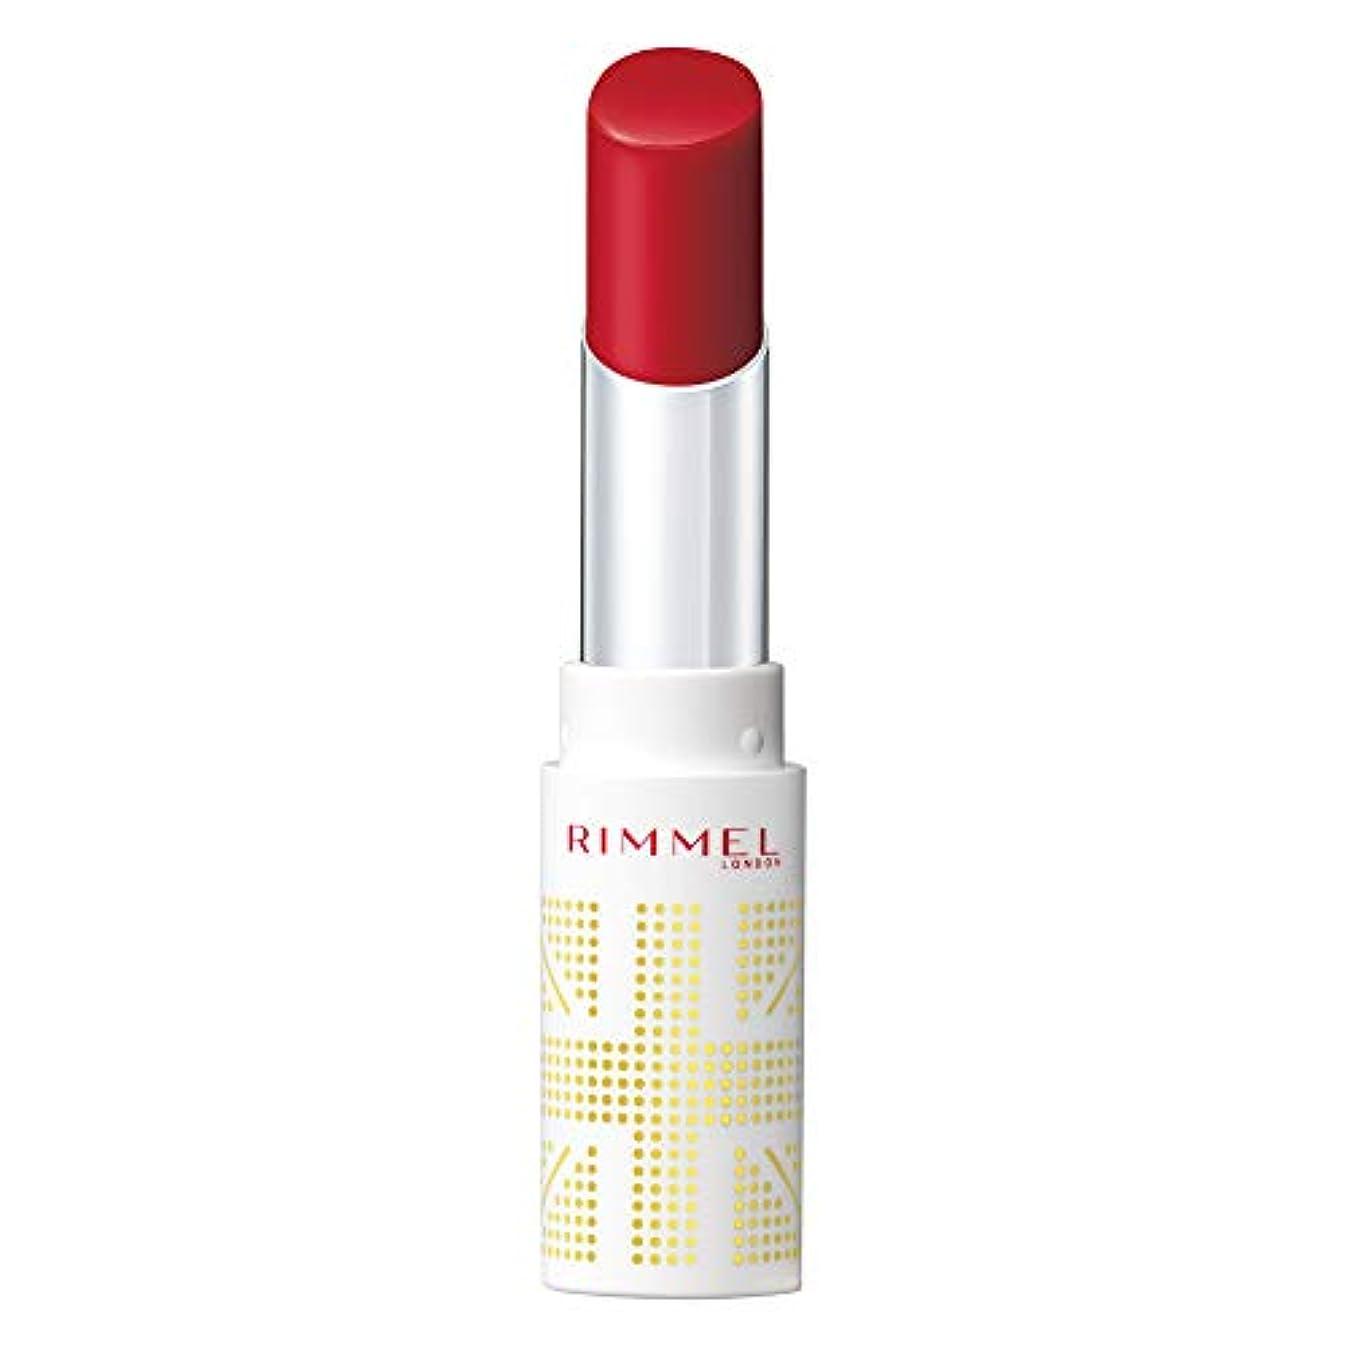 望ましい再生爬虫類Rimmel (リンメル) リンメル ラスティングフィニッシュ オイルティントリップ 003 クラシカルレッド 3.8g 口紅